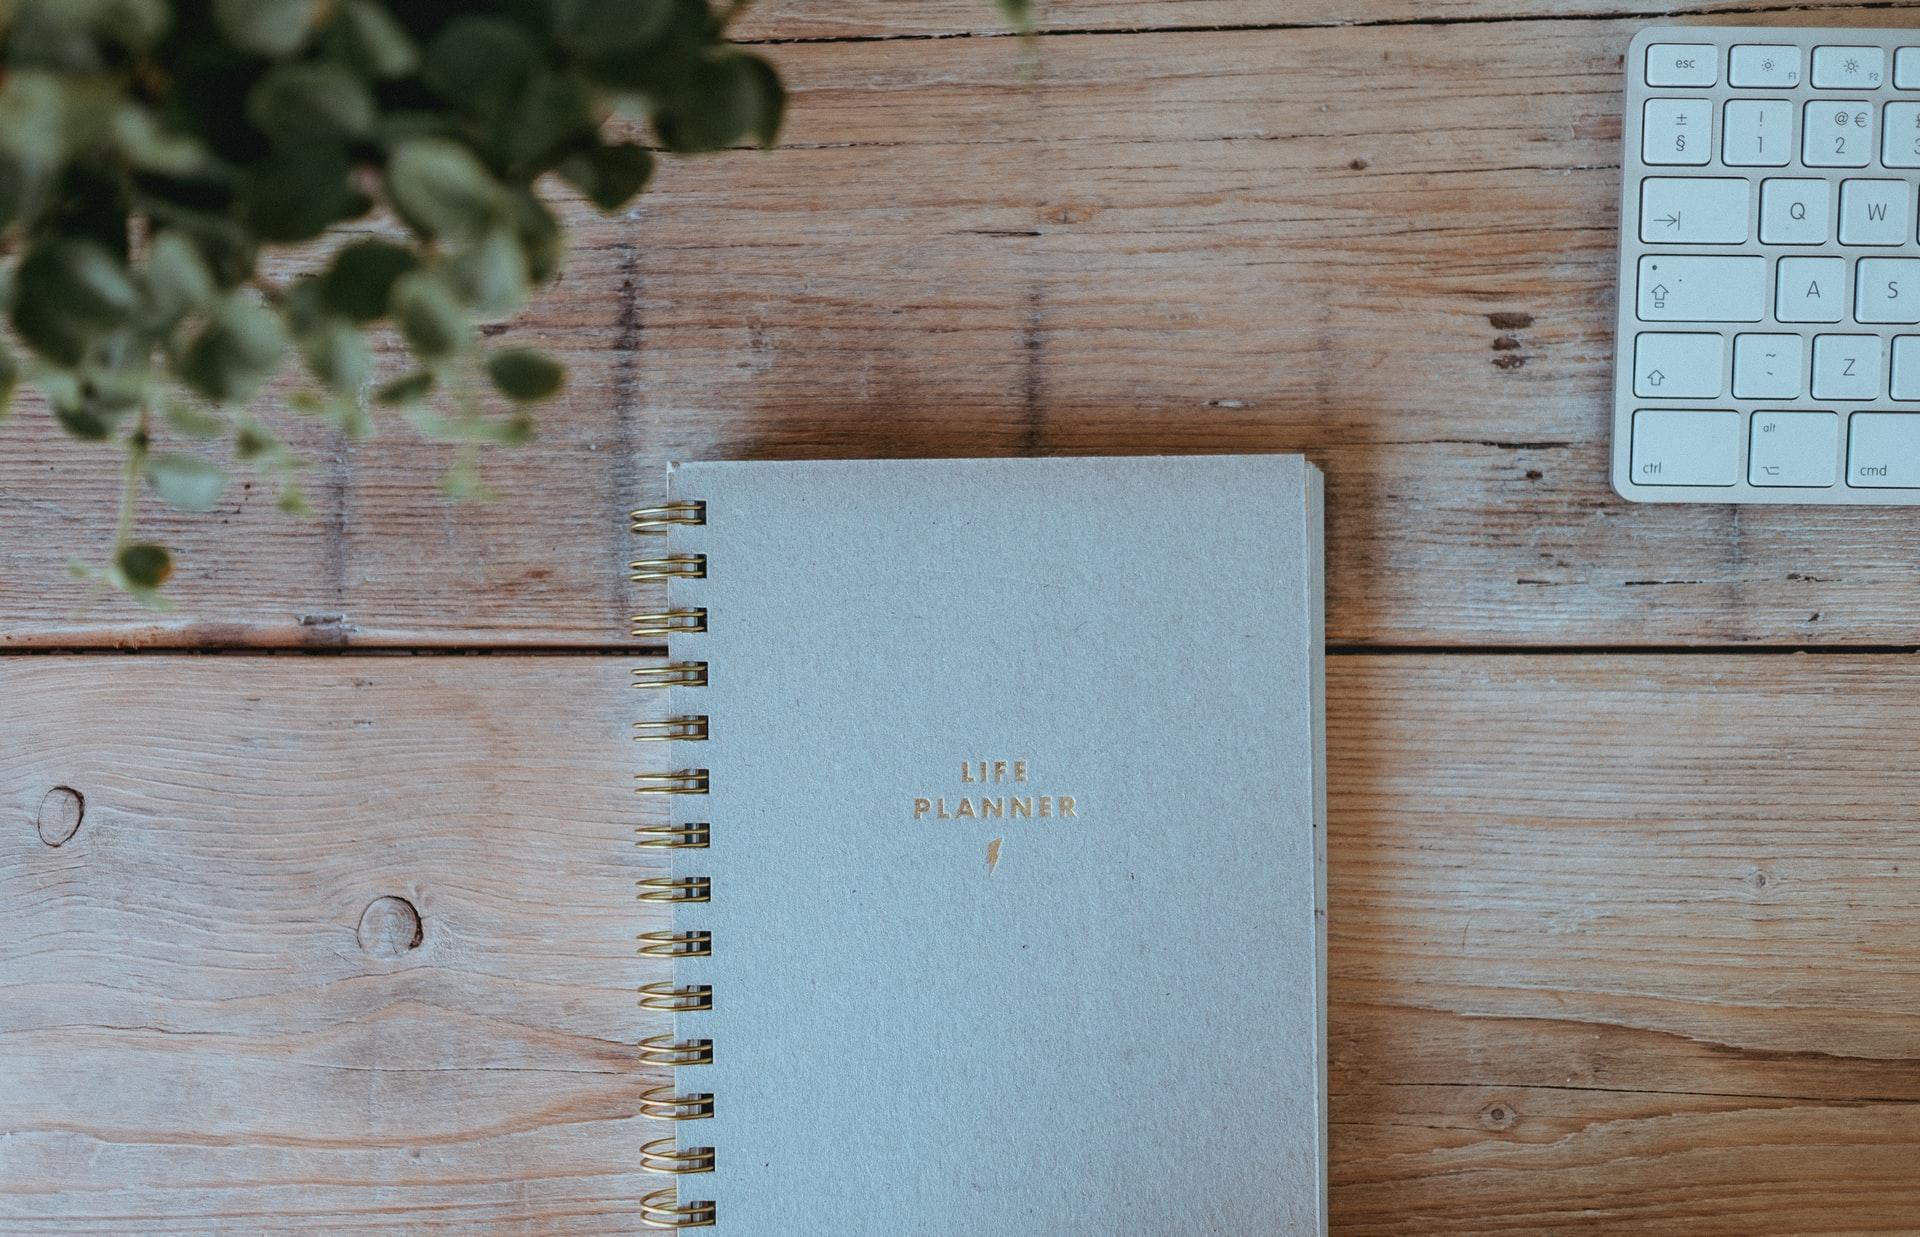 Life planner notebook on desk